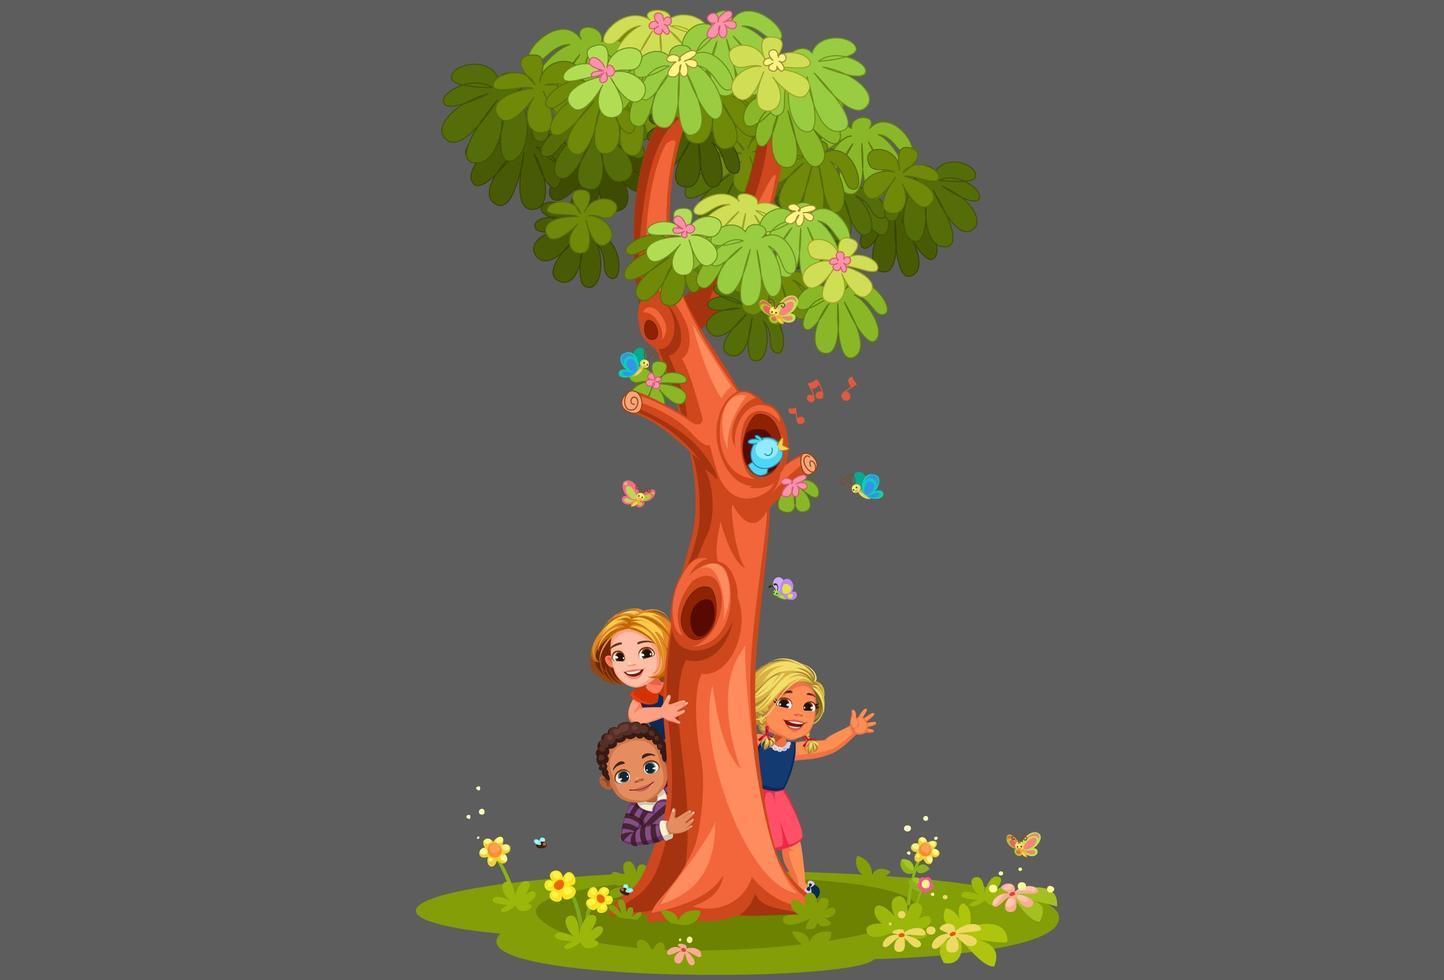 niños asomando detrás del árbol vector